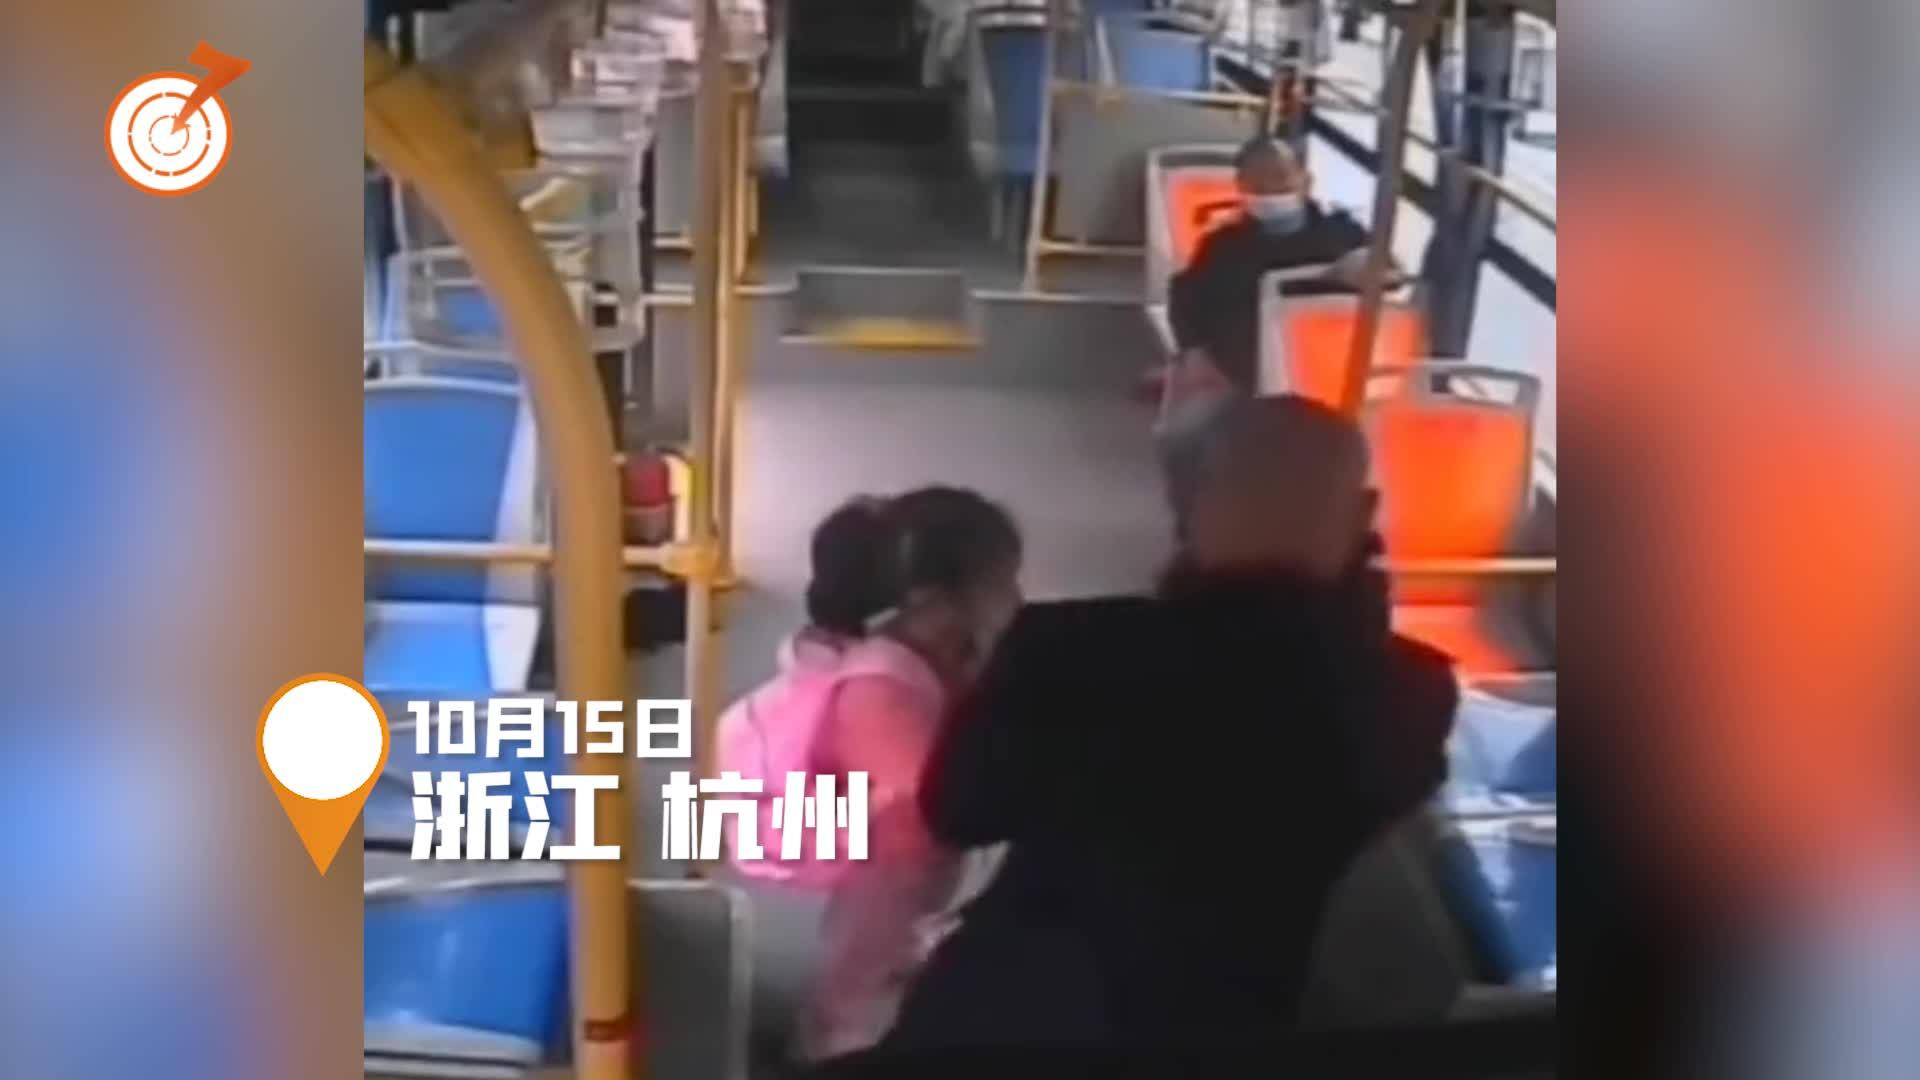 公交车外突然大雨滂沱女孩不敢下车 司机见状一个动作太暖心